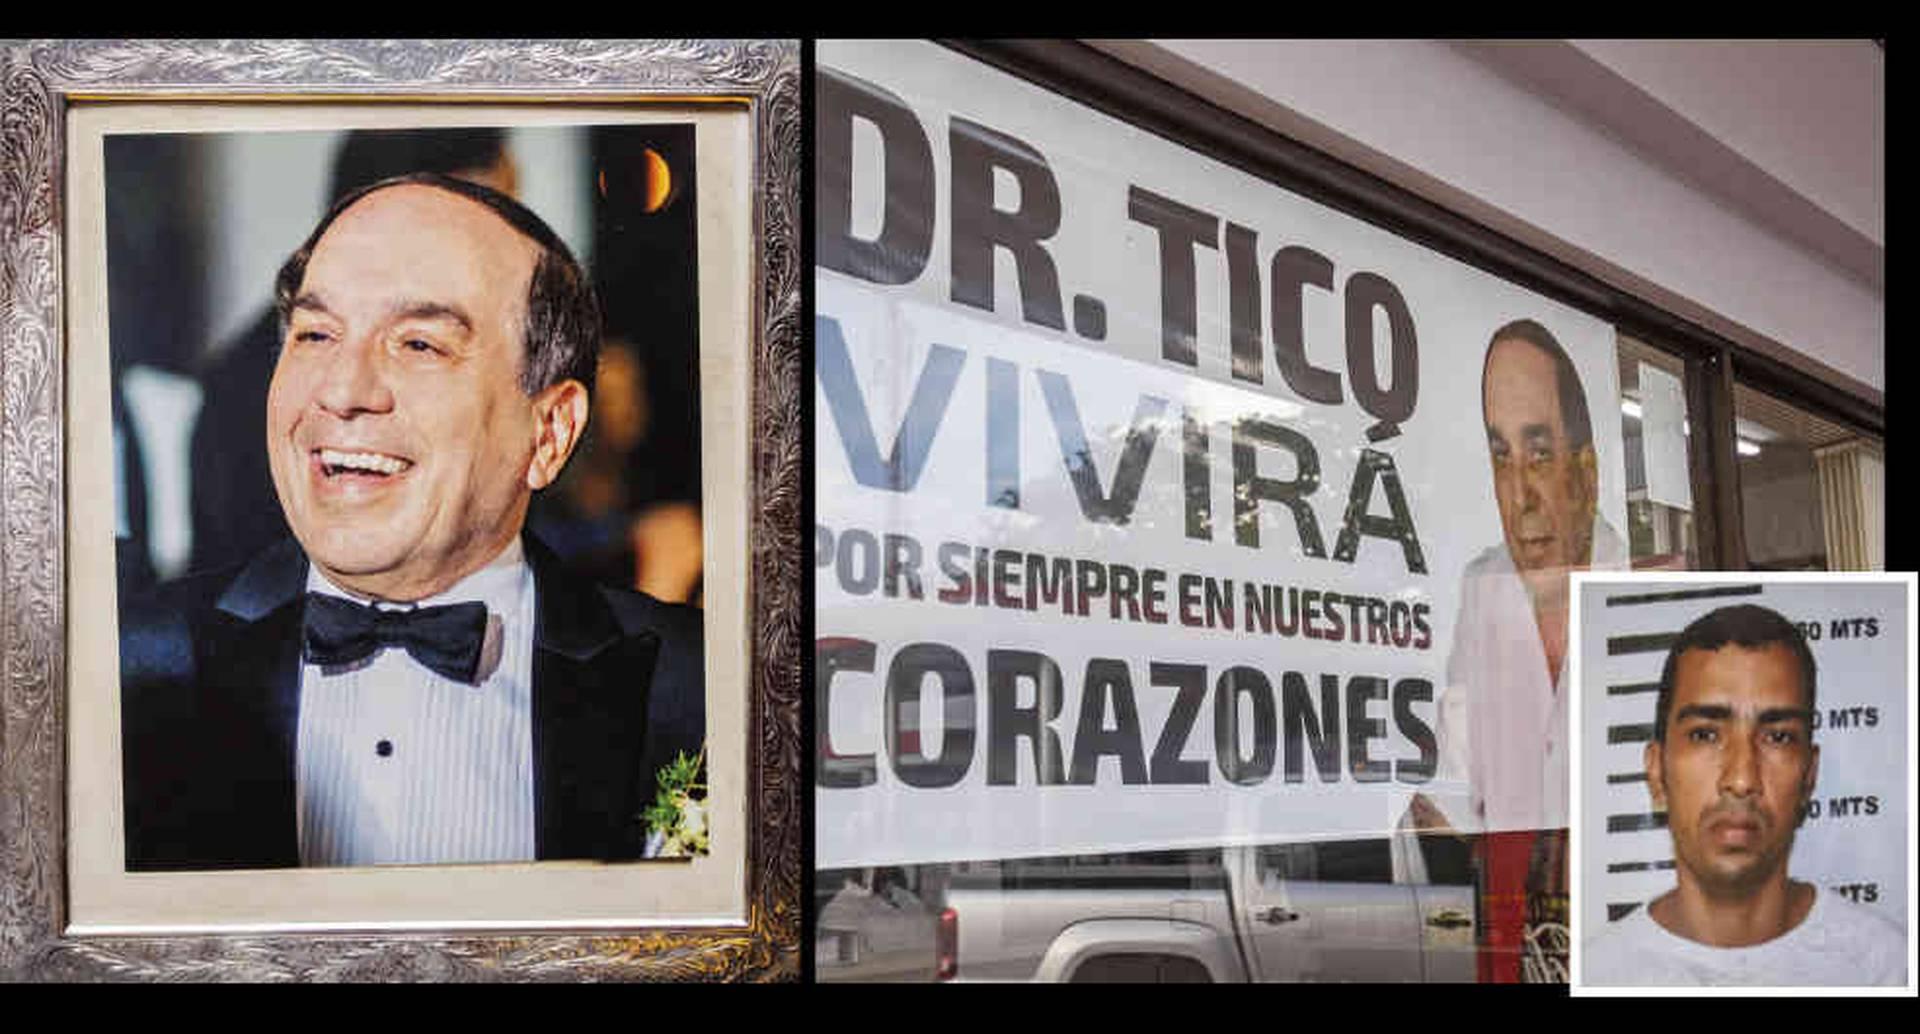 Todos querían al Tico Aroca en Valledupar. La Fiscalía capturó a Jaider Acuña y lo acusó de asesinar al pediatra.